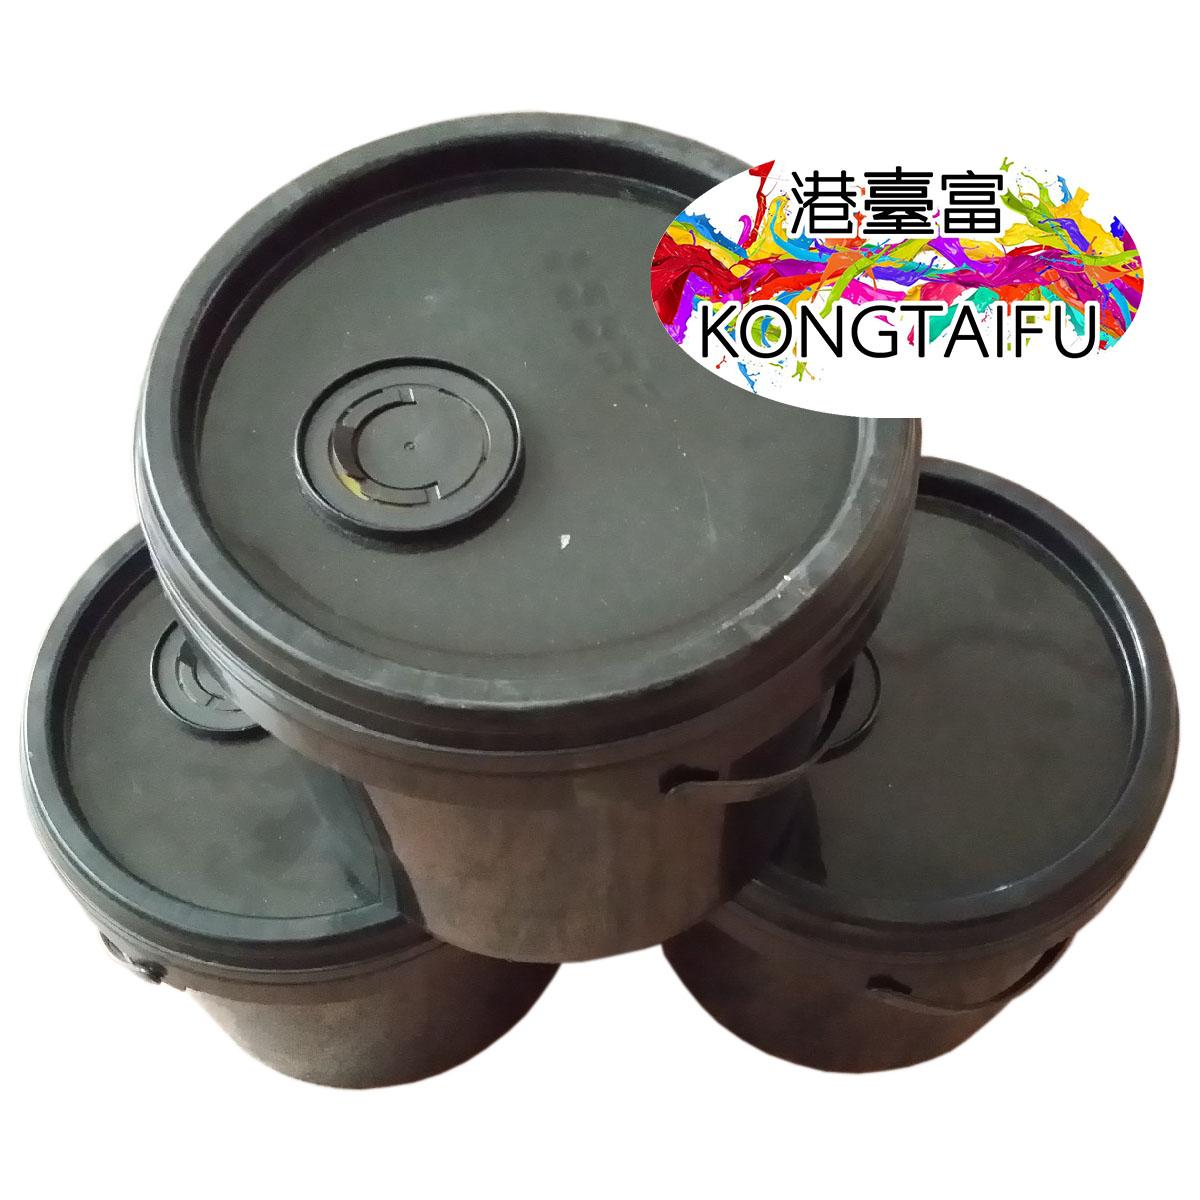 供应软包装、标签及液体食品包装等UV柔版印刷油墨柔版滚轮油墨